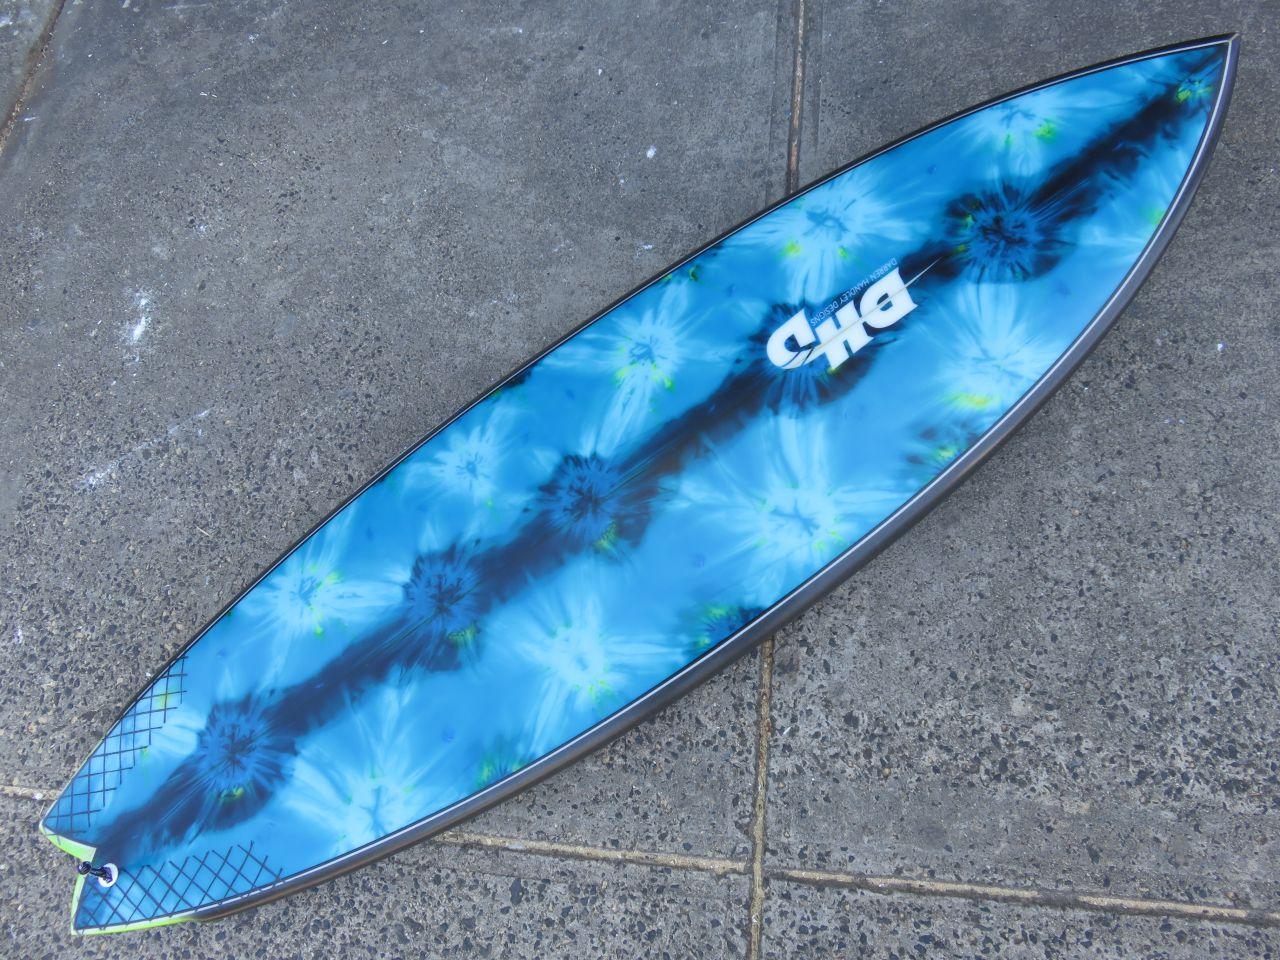 Twin Fin Surfboard Models DHD Twin Fin